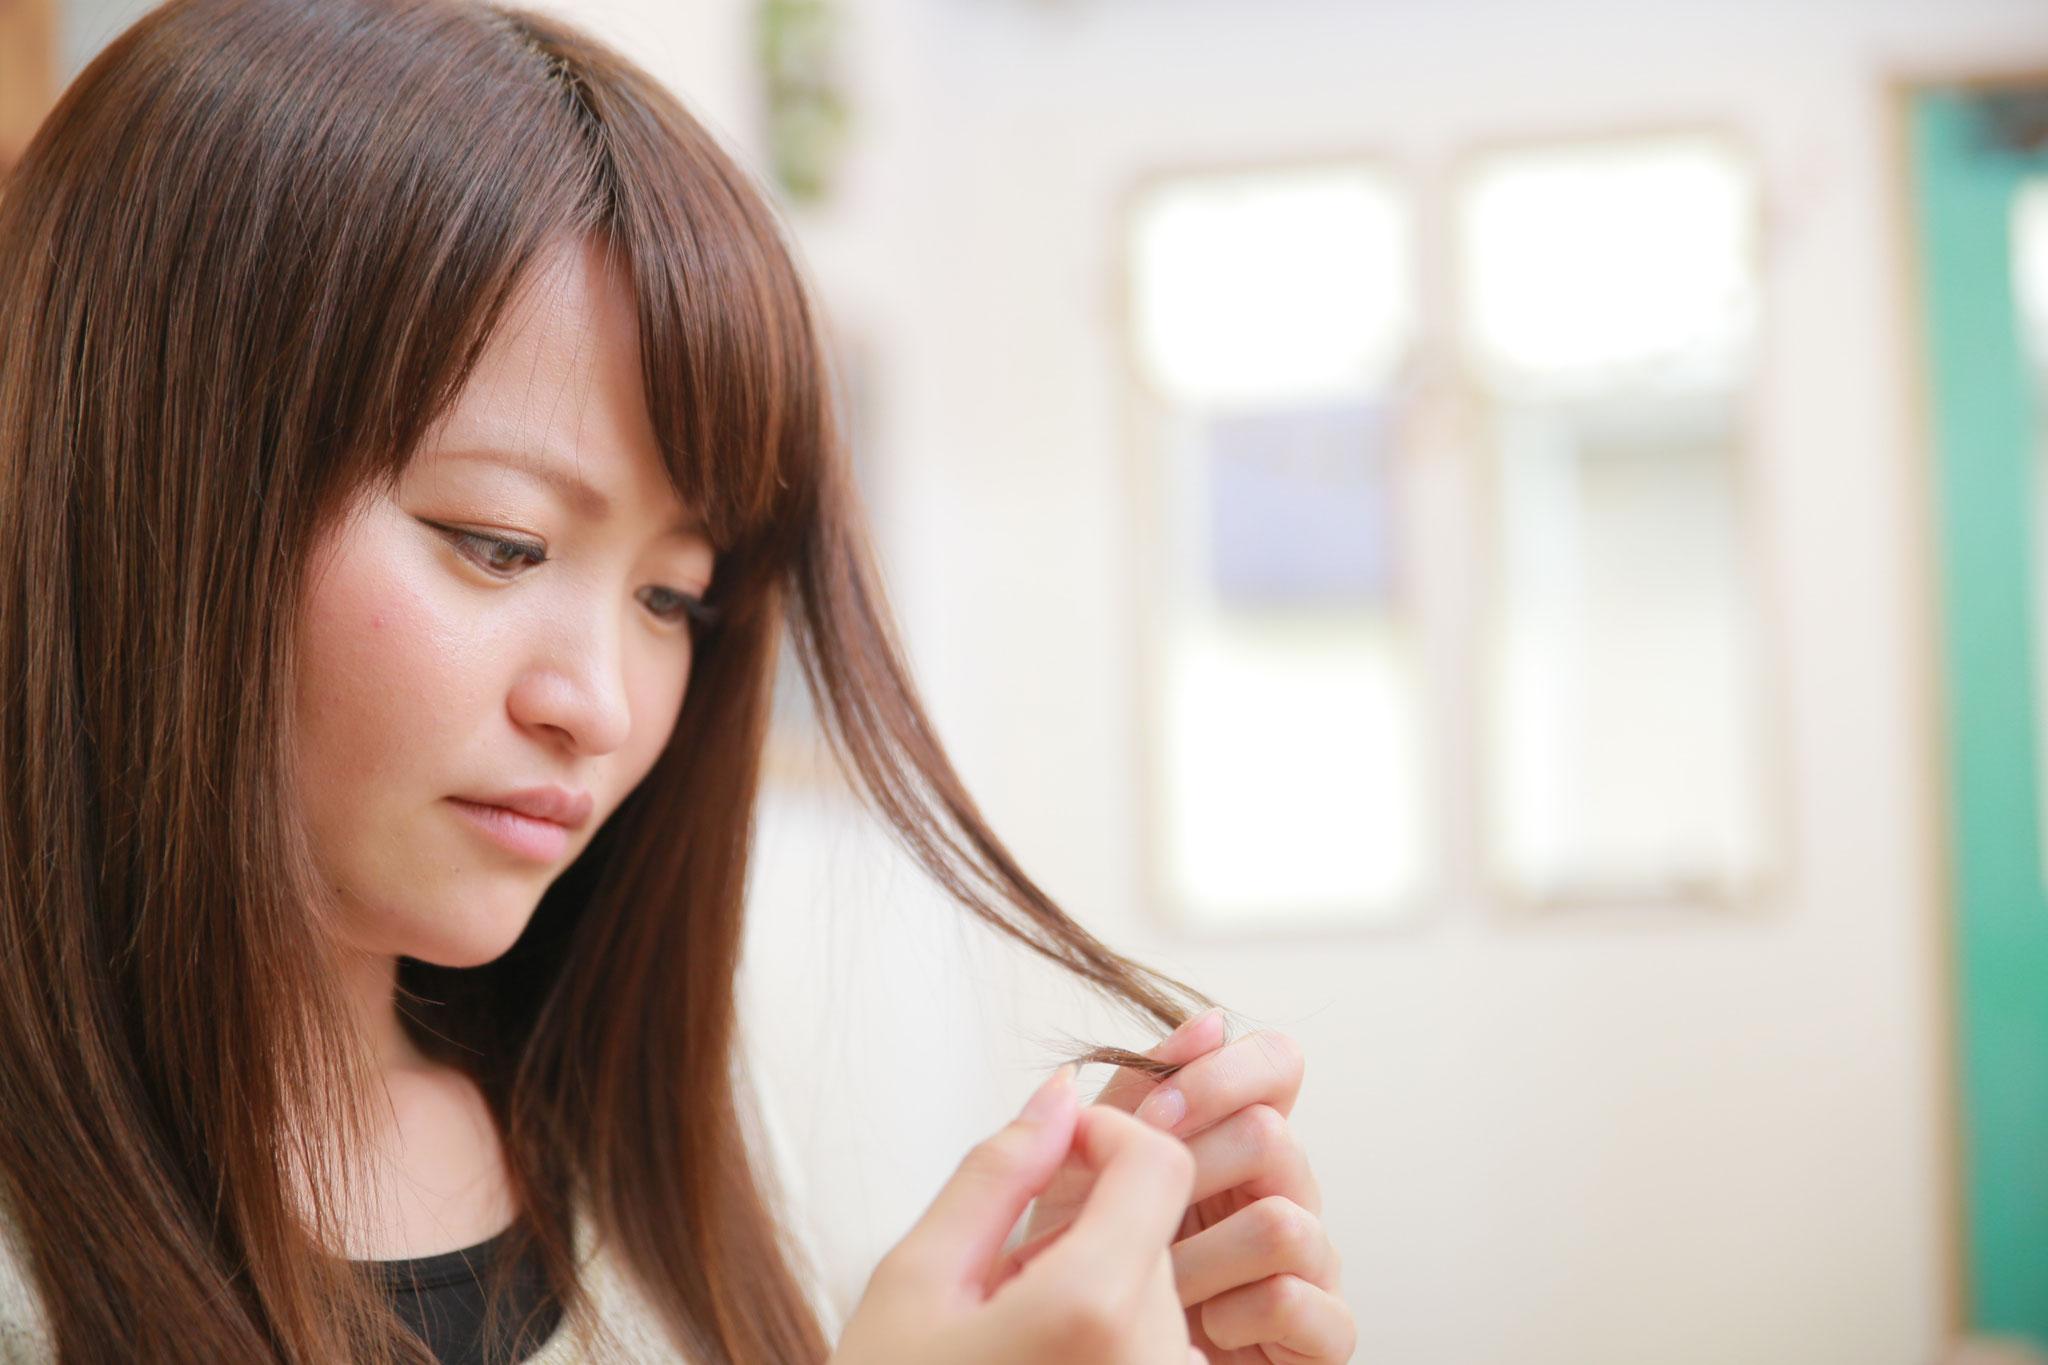 手順1:髪の履歴や状態をしっかりカウンセリングします。